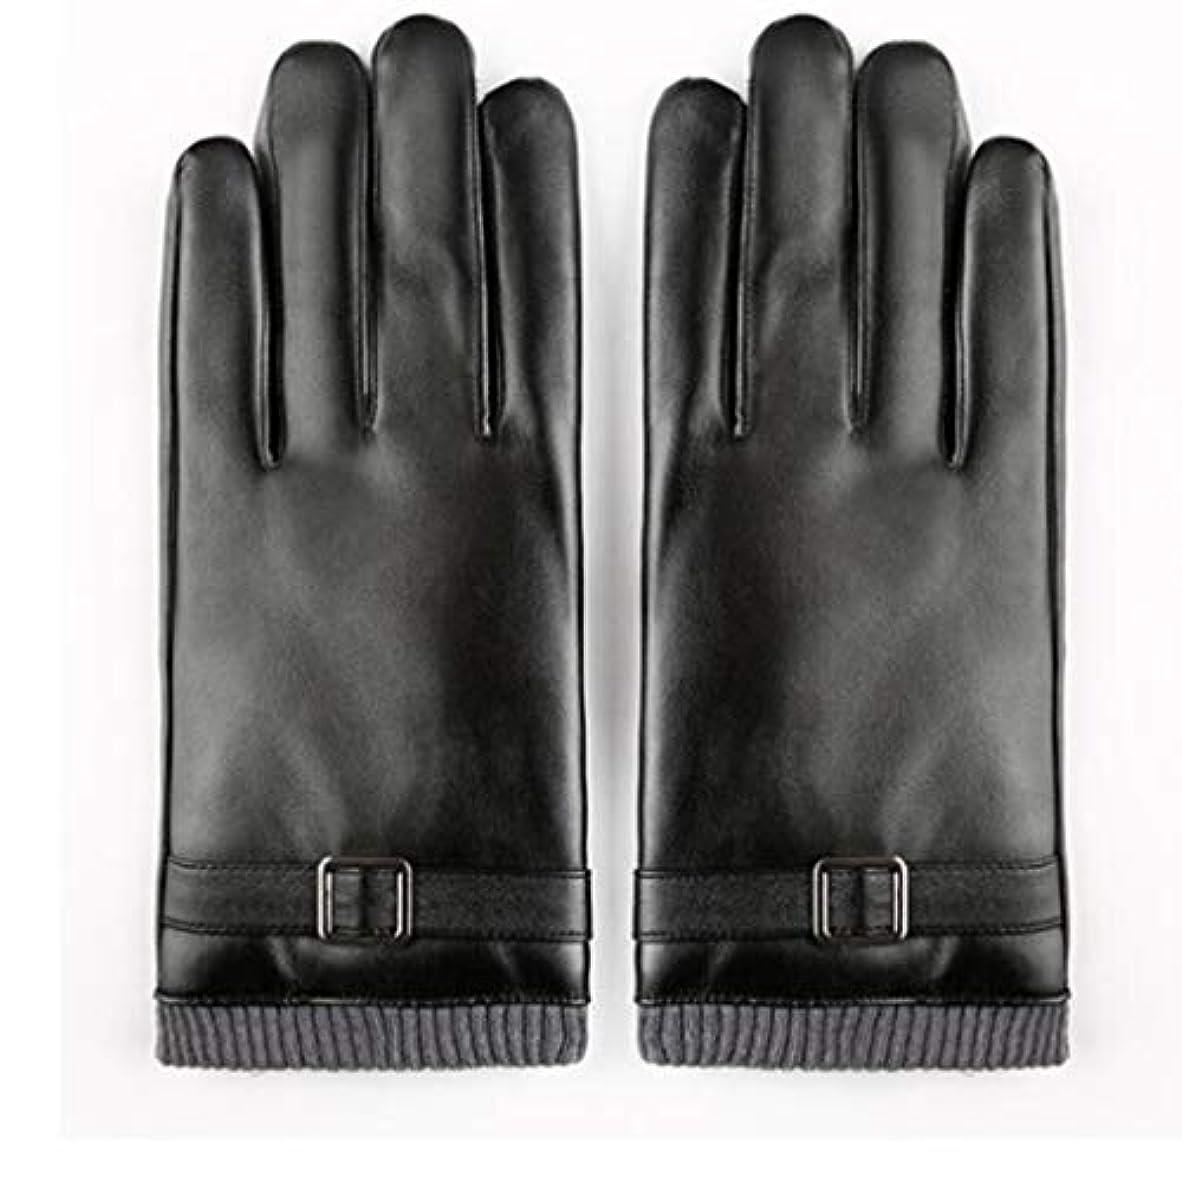 陪審ペグブラザー手袋の男性の秋と冬の暖かいとwindproofとベルベット厚いタッチスクリーンの革の手袋の男性と女性の冬のサイクリングオートバイのカップルの手袋